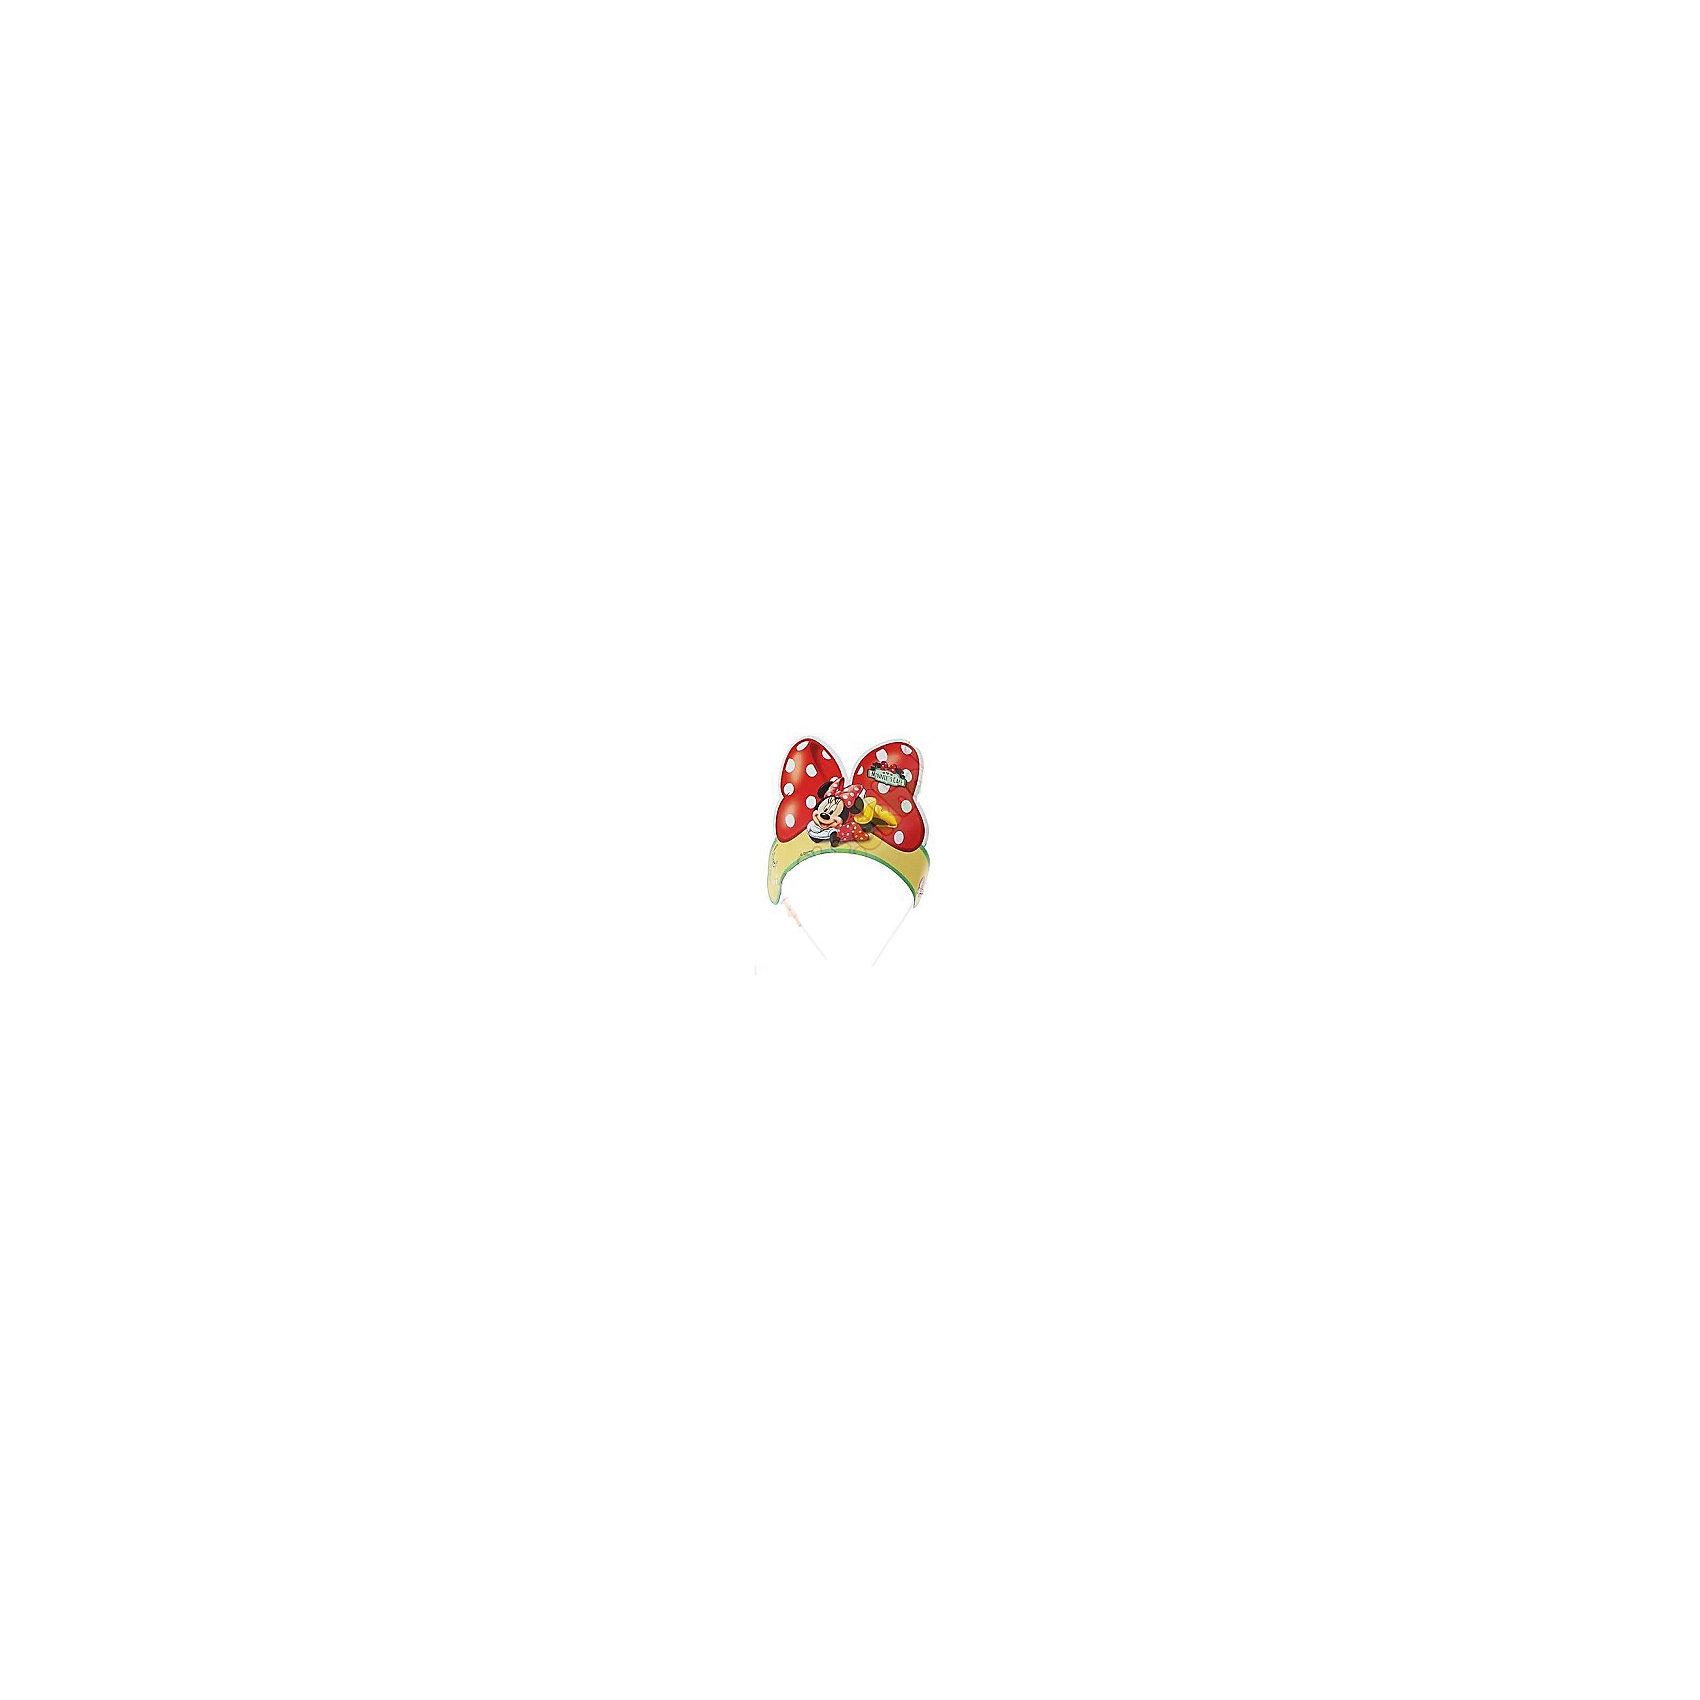 Корона  Кафе Минни , 6 шт.Красиво оформить детский праздник, сделать его ярким и запоминающимся Вам помогут аксессуары и украшения в стиле любимых детских персонажей. Яркие короны Кафе Минни порадуют Вашу малышку и ее подруг и будут создавать атмосферу веселья и радости. Комплект включает в себя 6 бумажных корон, украшенных изображением веселой мышки Минни, подружки мышонка Микки-Мауса из популярных диснеевских мультфильмов. Короны изготовлены из высококачественных и нетоксичных материалов, которые совершенно безопасны для детского здоровья.<br><br>Дополнительная информация:<br><br>- В комплекте: 6 шт.<br>- Материал: бумага.<br>- Размер упаковки: 1,5 х 16,5 х 19 см.<br>- Вес: 43 гр.<br><br>Корону Кафе Минни,  6 шт., можно купить в нашем интернет-магазине.<br><br>Ширина мм: 15<br>Глубина мм: 165<br>Высота мм: 190<br>Вес г: 43<br>Возраст от месяцев: 36<br>Возраст до месяцев: 84<br>Пол: Женский<br>Возраст: Детский<br>SKU: 4008398